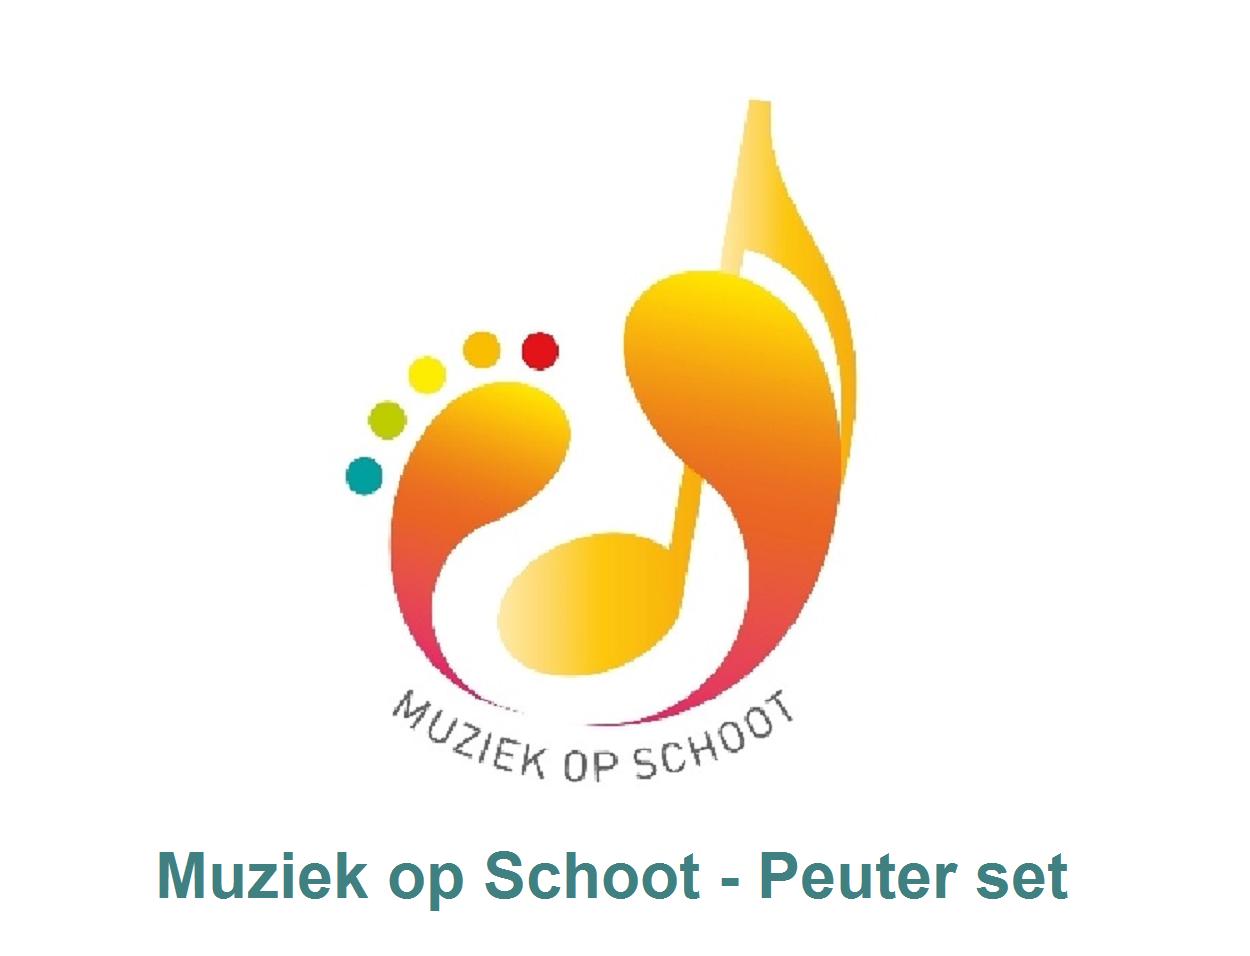 Muziek op Schoot - Peuter Set